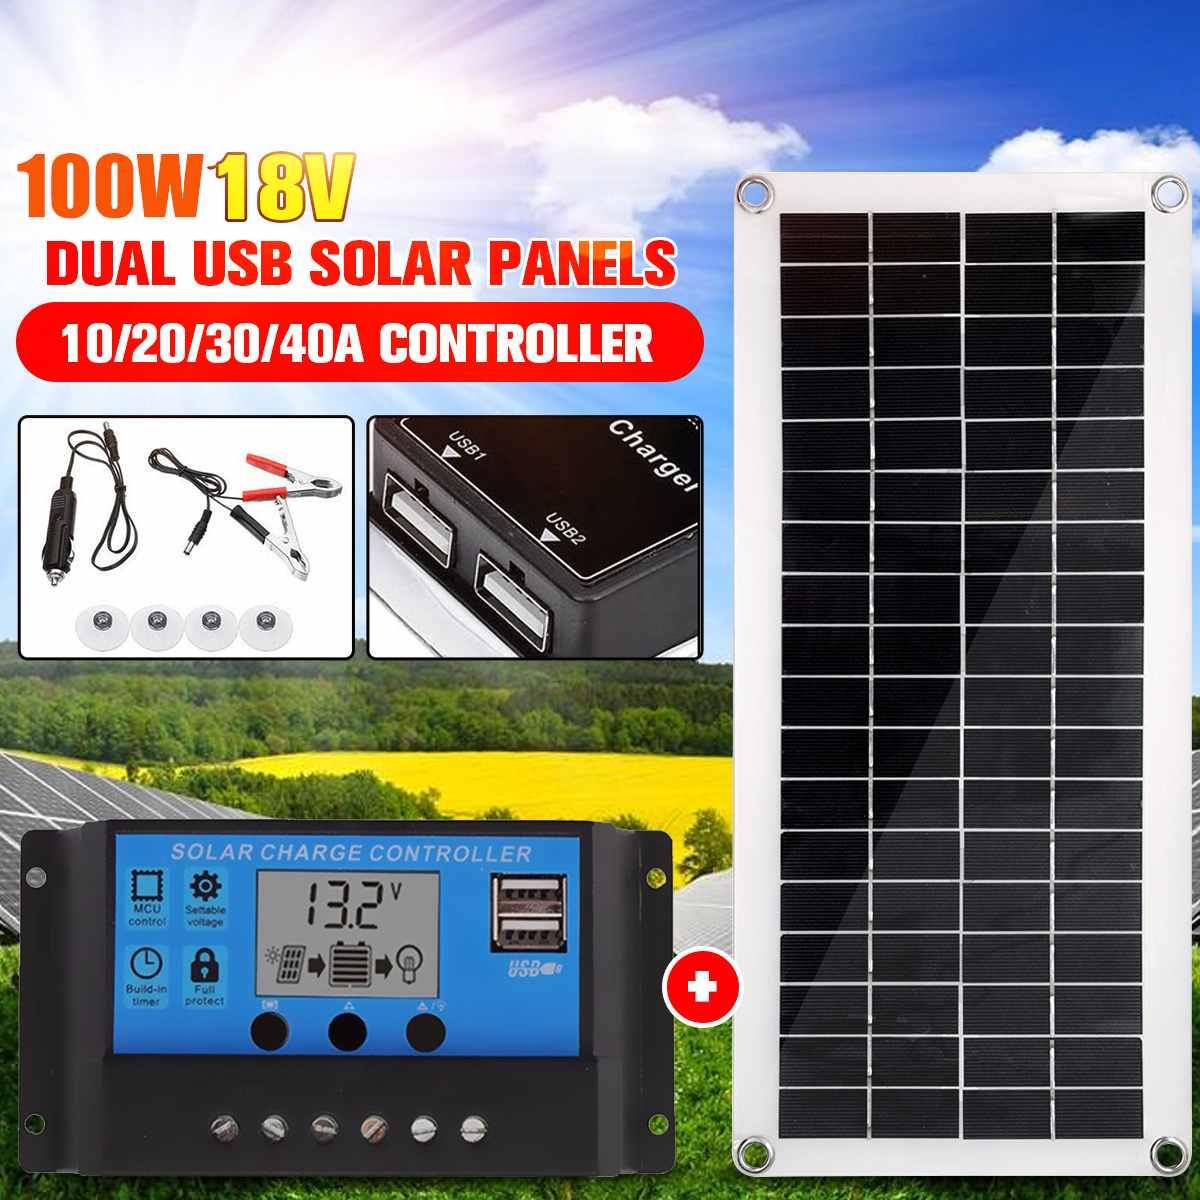 Externa de Carregamento Portátil Painel Solar Duplo Usb Power Bank Board Bateria Célula Placa Clipes Crocodilo Carro Carregador 100w 18v